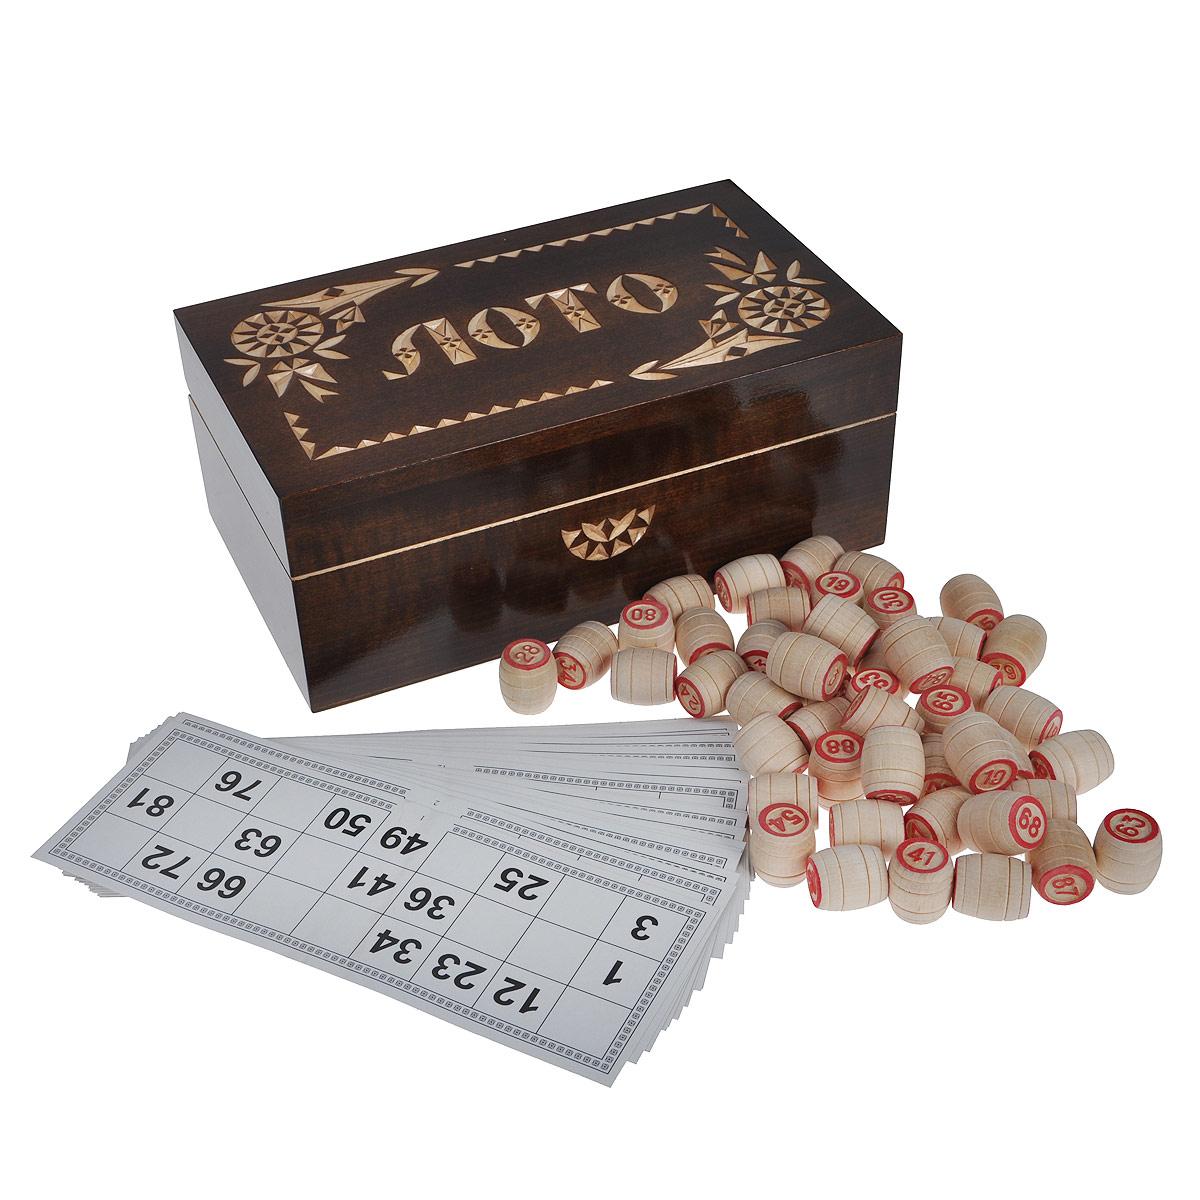 Игра настольная Русское лото, размер: 24,5х15х9 см. 30013001Настольная игра Русское лото - то, что нужно для отличного проведения досуга в кругу друзей и близких. Набор включает 90 деревянных бочонков, текстильный мешочек и 24 игровых карточки. Для бочонков предусмотрен текстильный мешочек синего цвета. Все предметы хранятся в подарочной деревянной шкатулке с резной надписью Лото. Русское лото - это старинная русская игра, правила которой предельно просты и всем известны. Игра обрела популярность в 20 веке и стала единственной официально разрешенной азартной игрой в Советском Союзе. Суть игры состоит в том, чтобы первым закрыть определенное количество цифр на своей карточке. Русское лото делится на три вида: простое лото, короткое лото и лото три на три. Играть можно на деньги или на интерес. Подробные правила игры вы можете найти в инструкции, написанной на коробки.